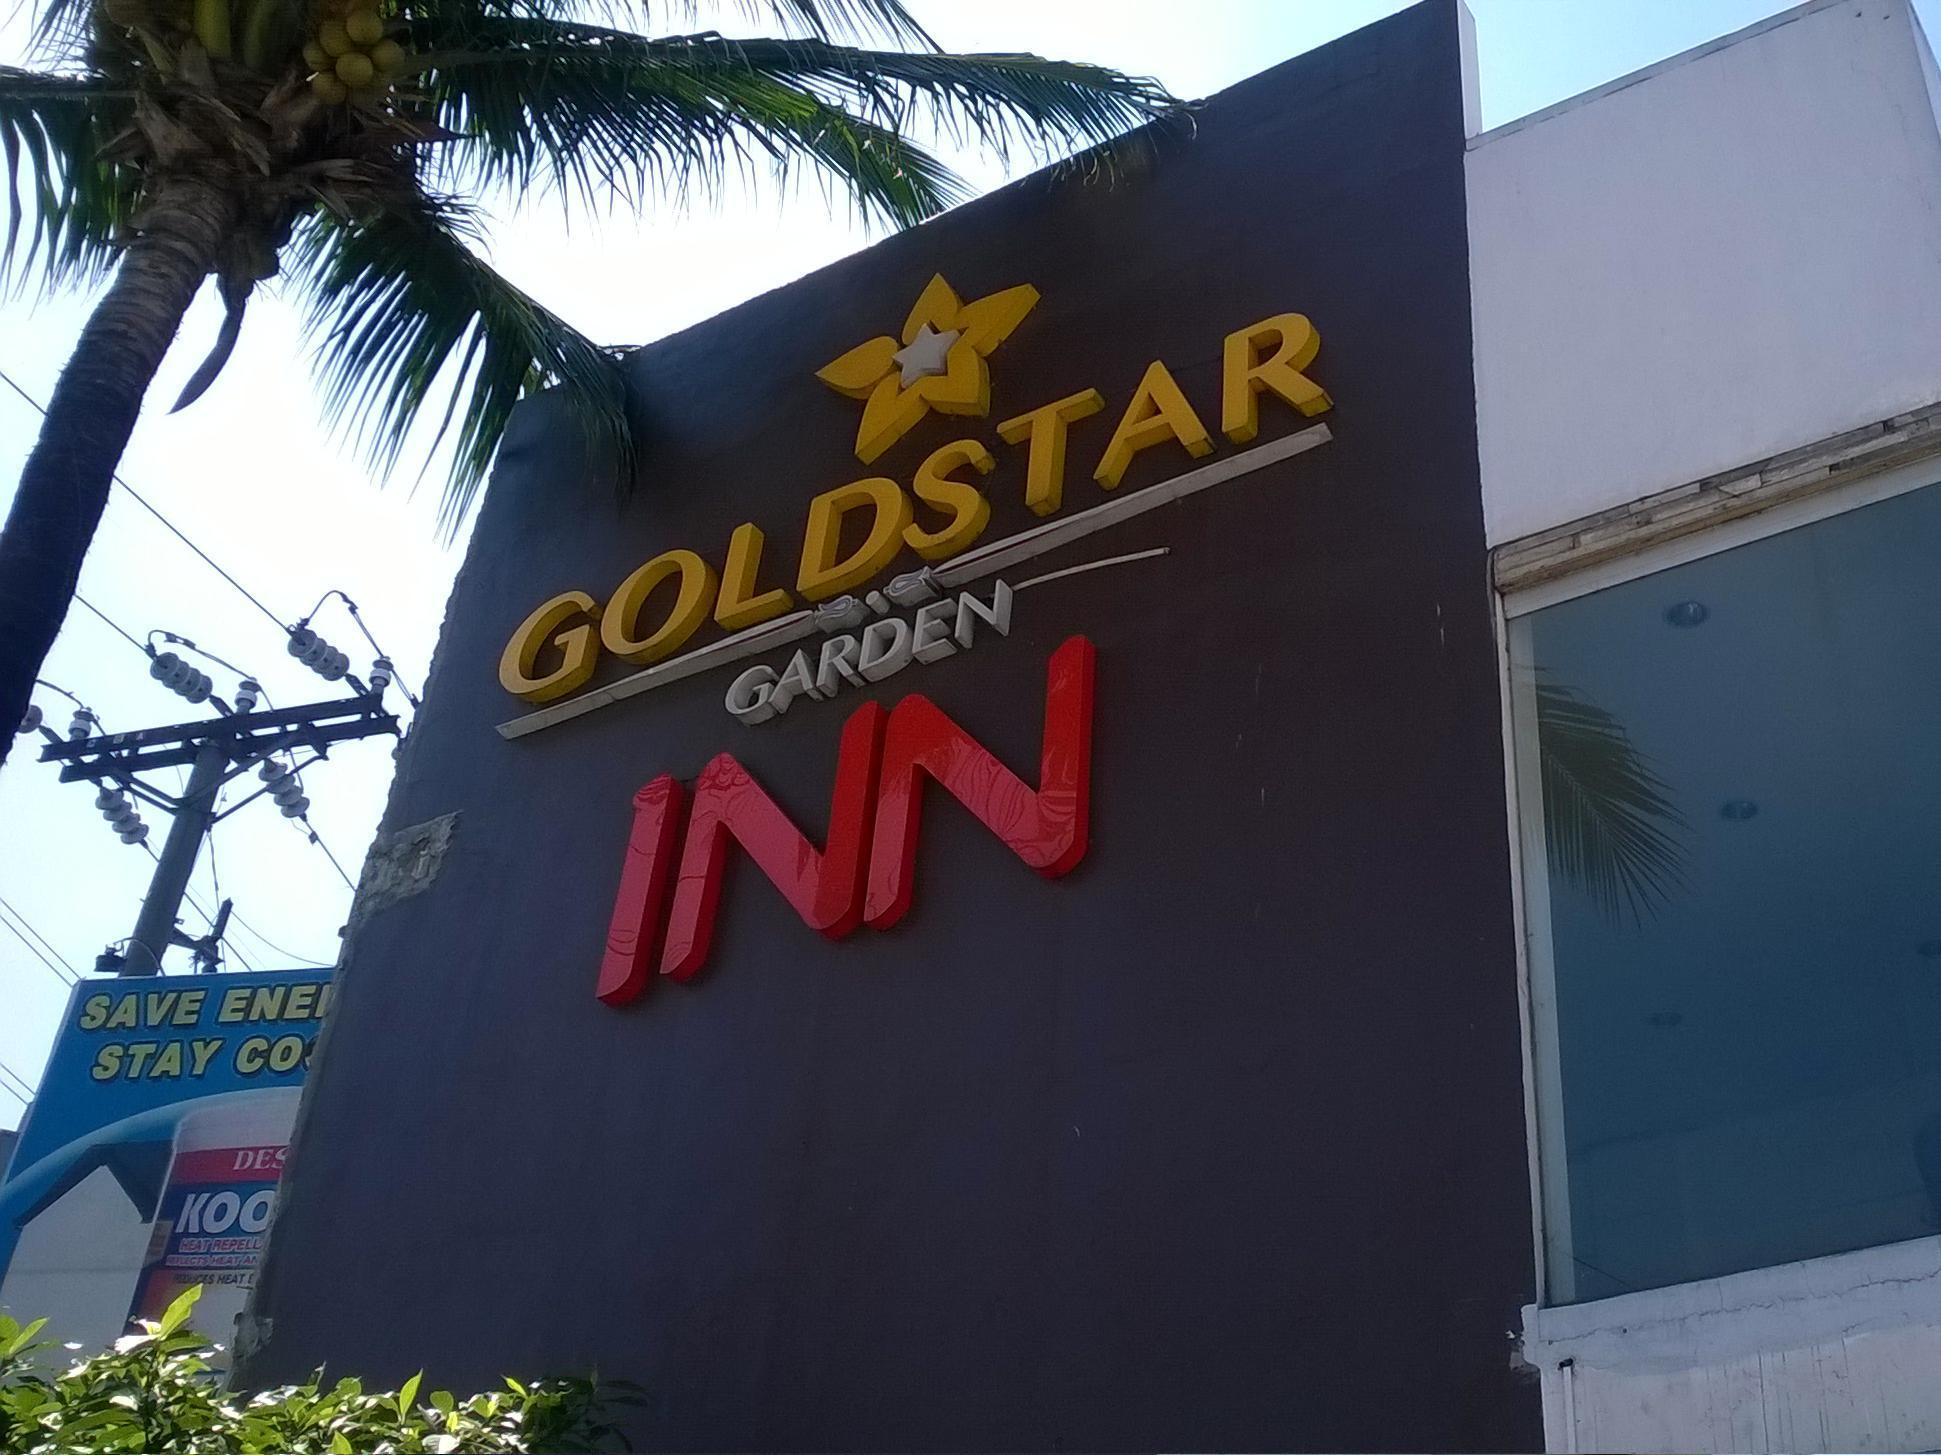 Goldstar Garden Inn